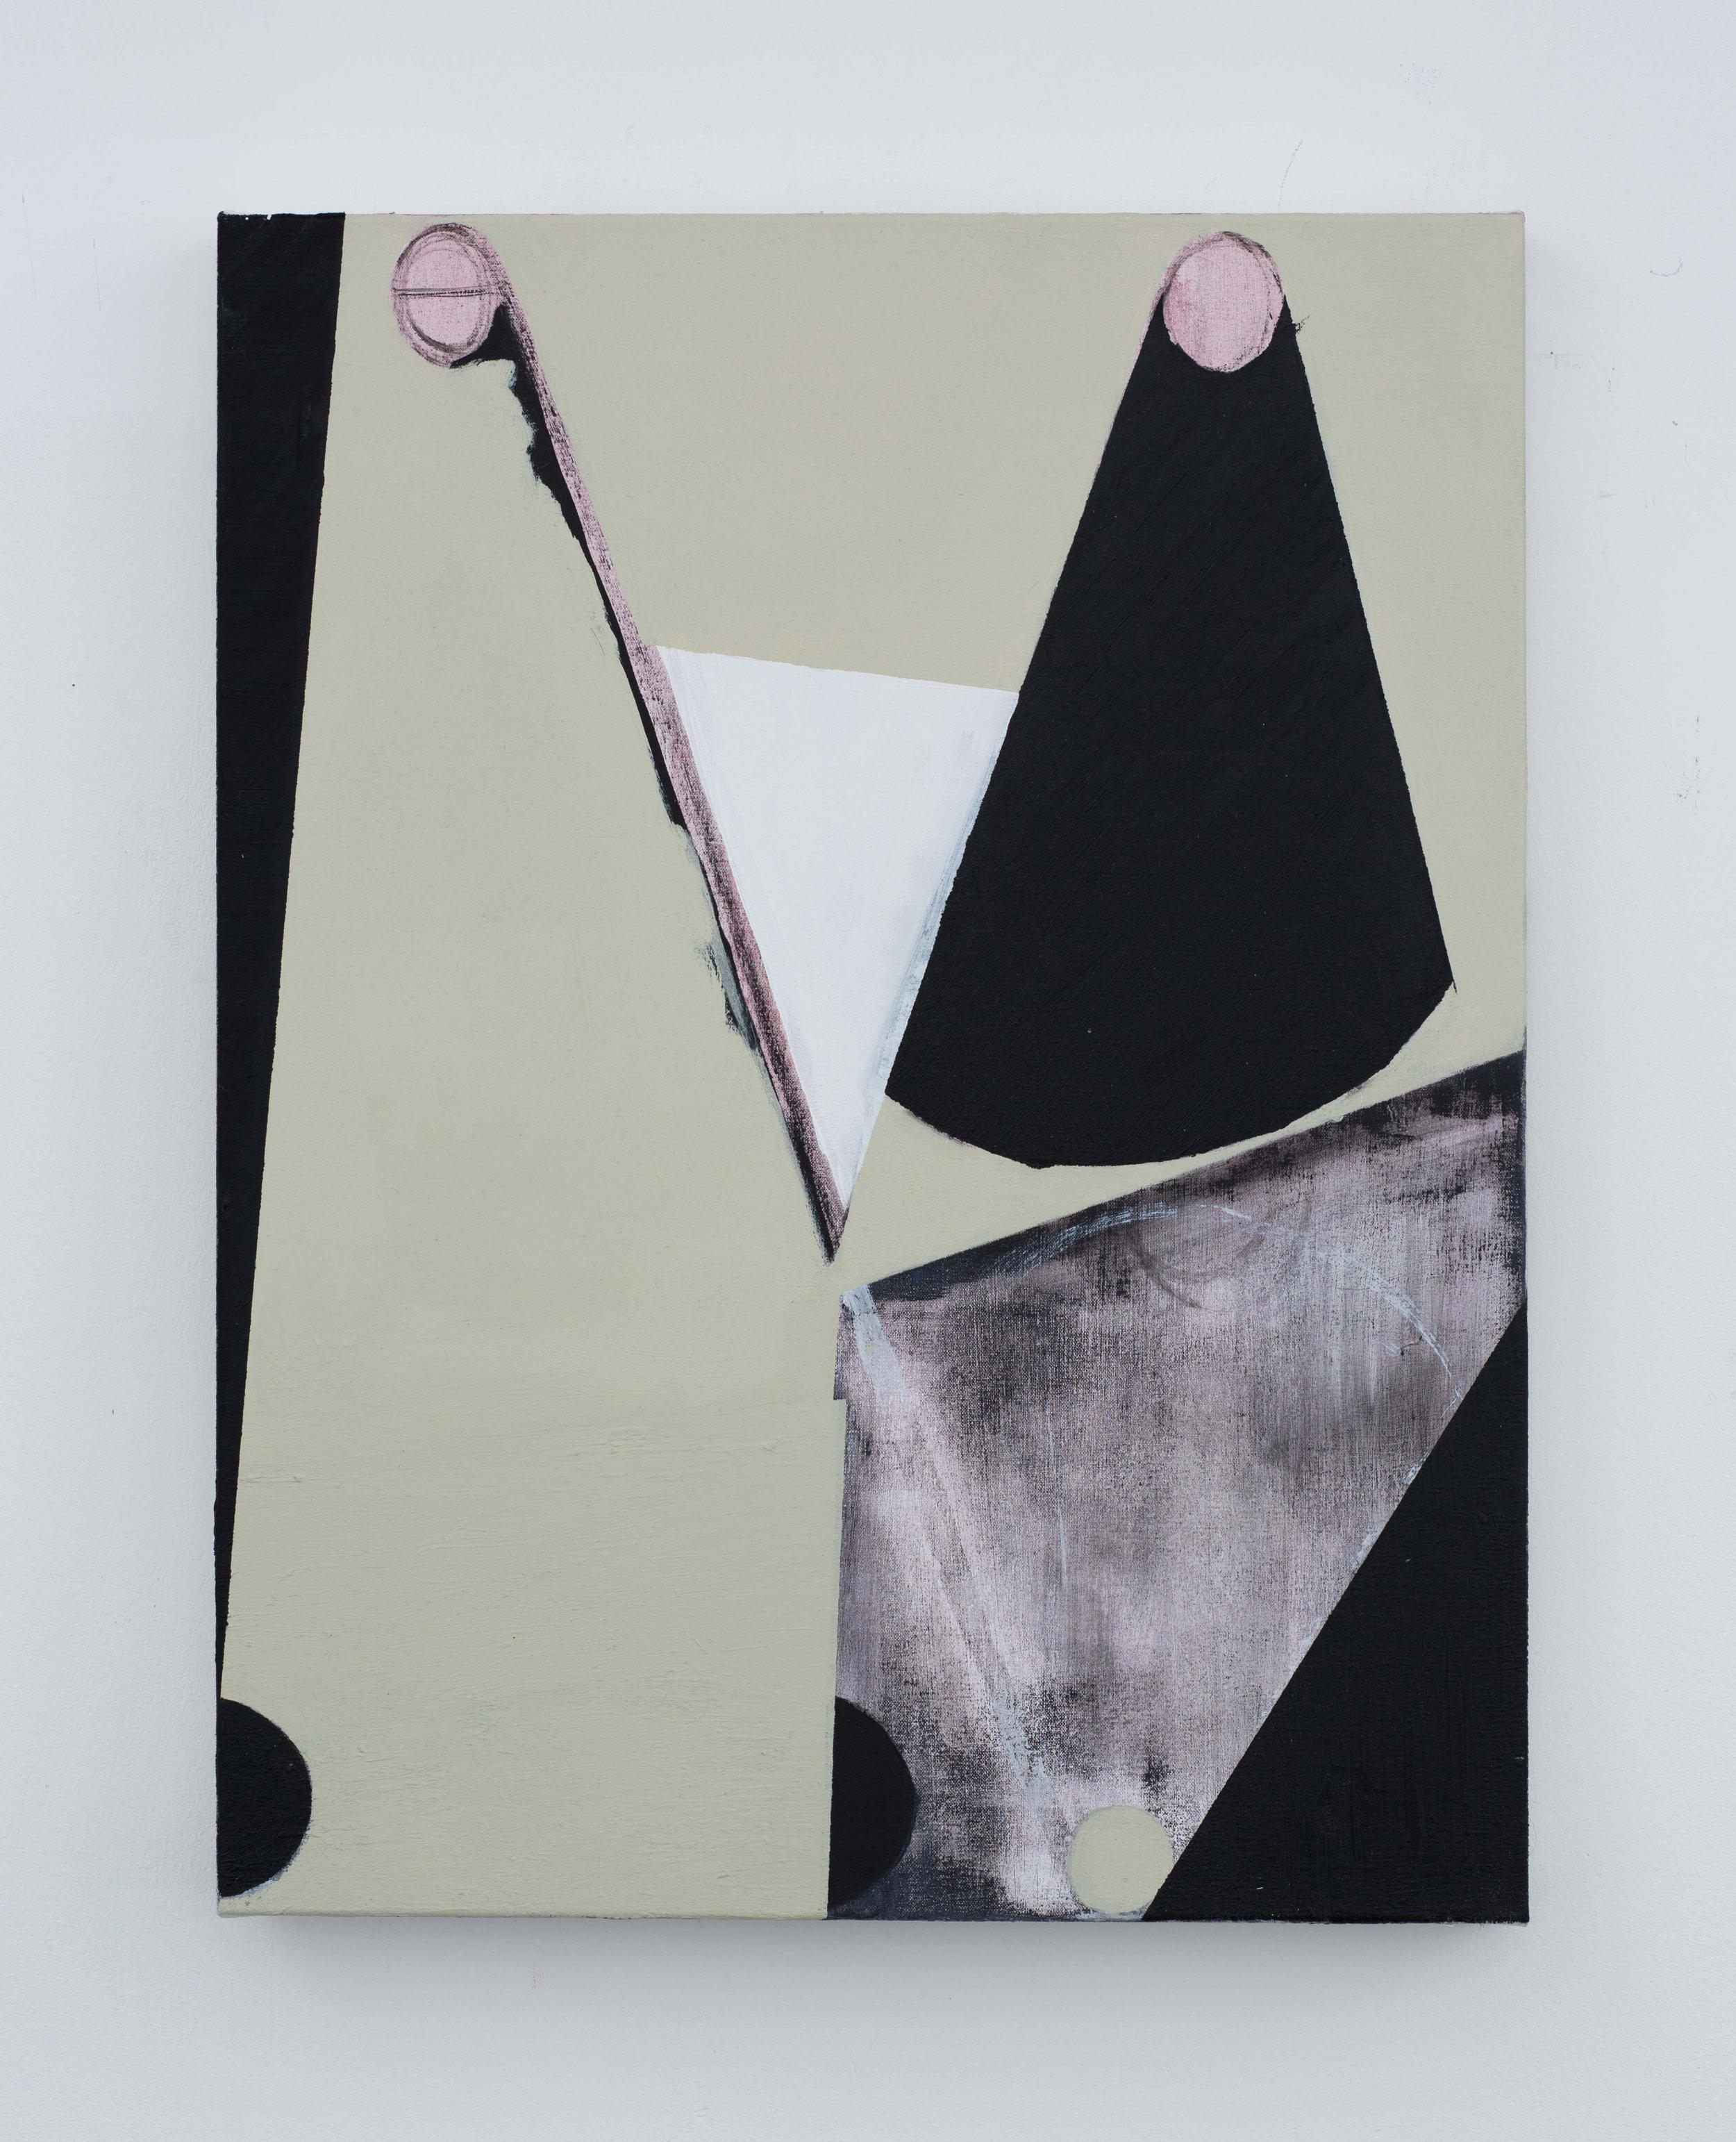 Card Clash 2 017 Oil on canvas 60x45cm